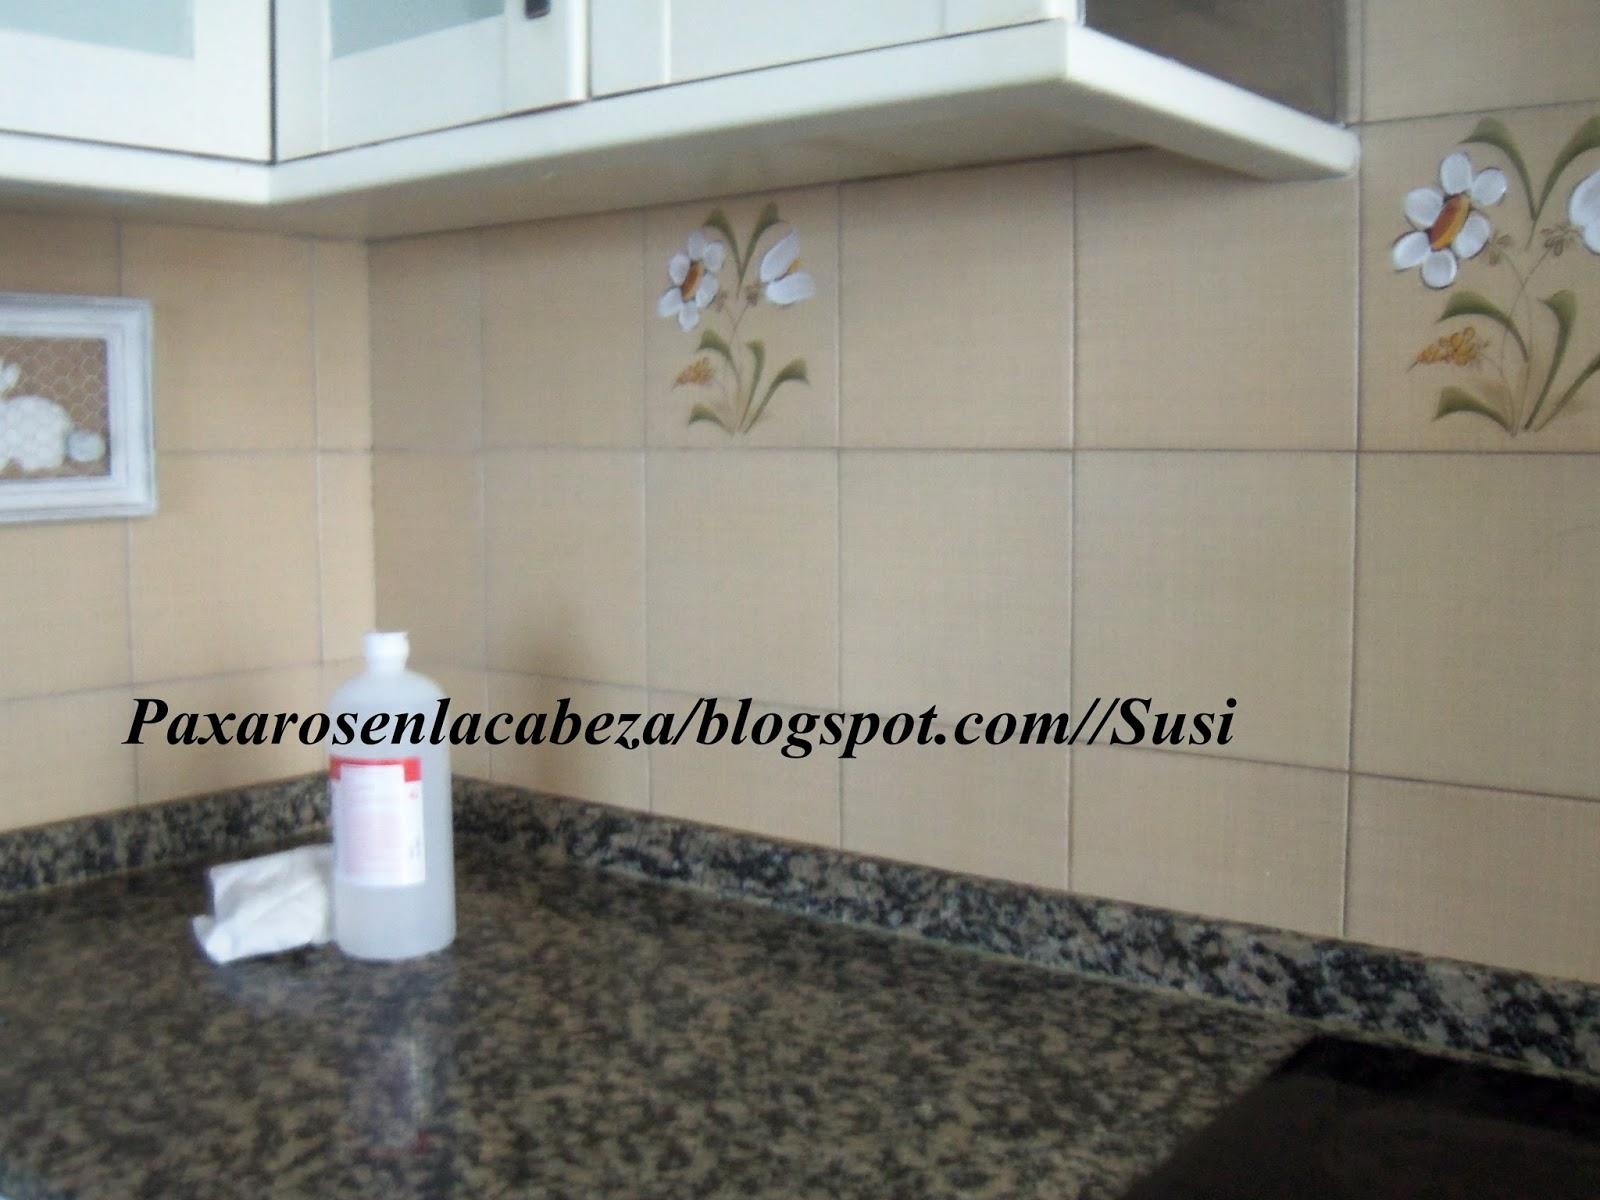 P xaros en la cabeza he pintado los azulejos de la cocina - Pintura para pintar azulejos de cocina ...